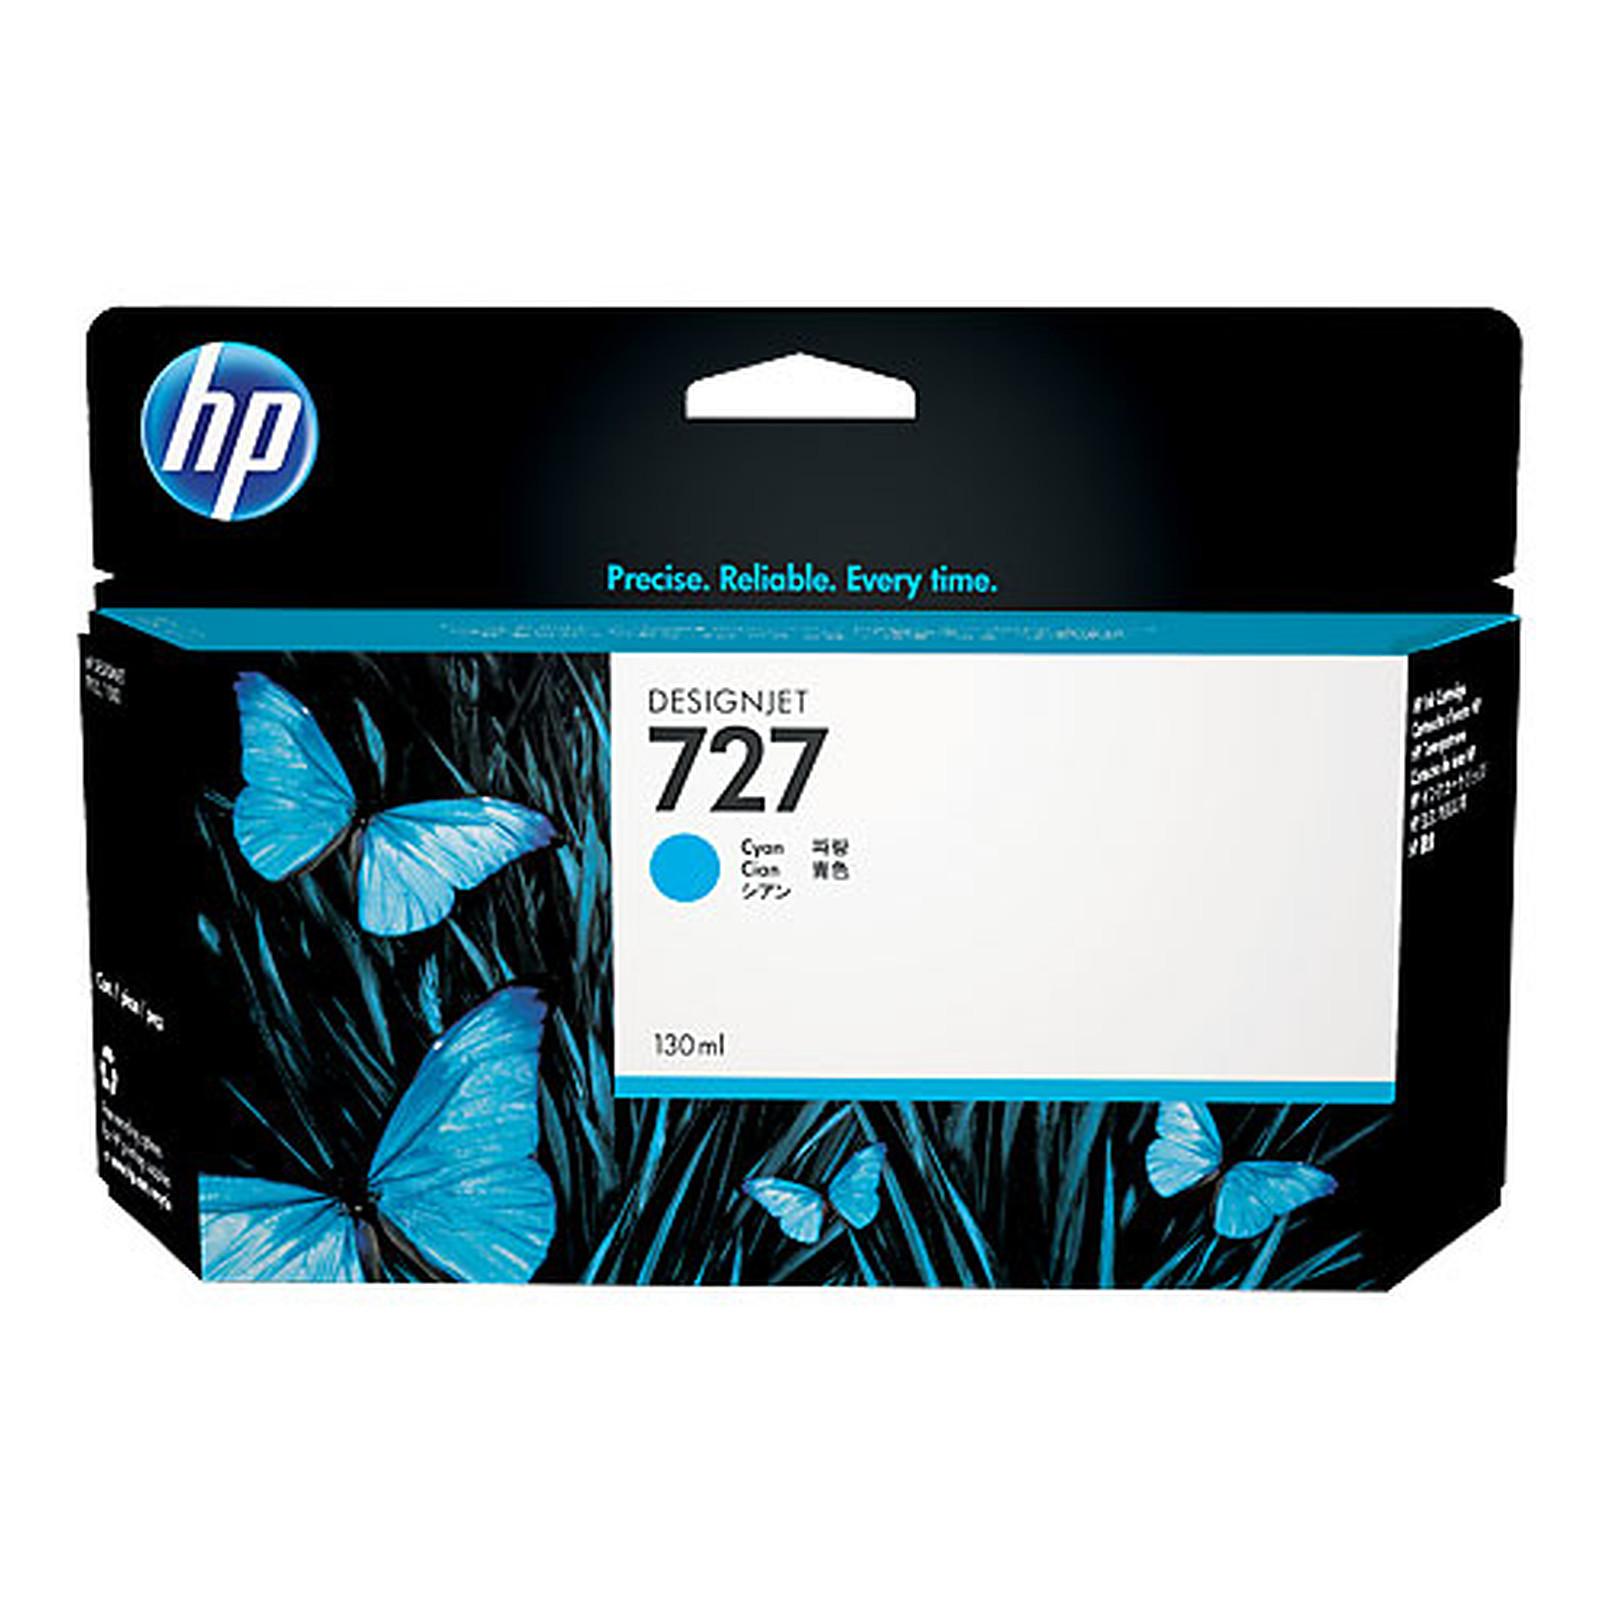 HP 727 Designjet 130 ml - Cyan